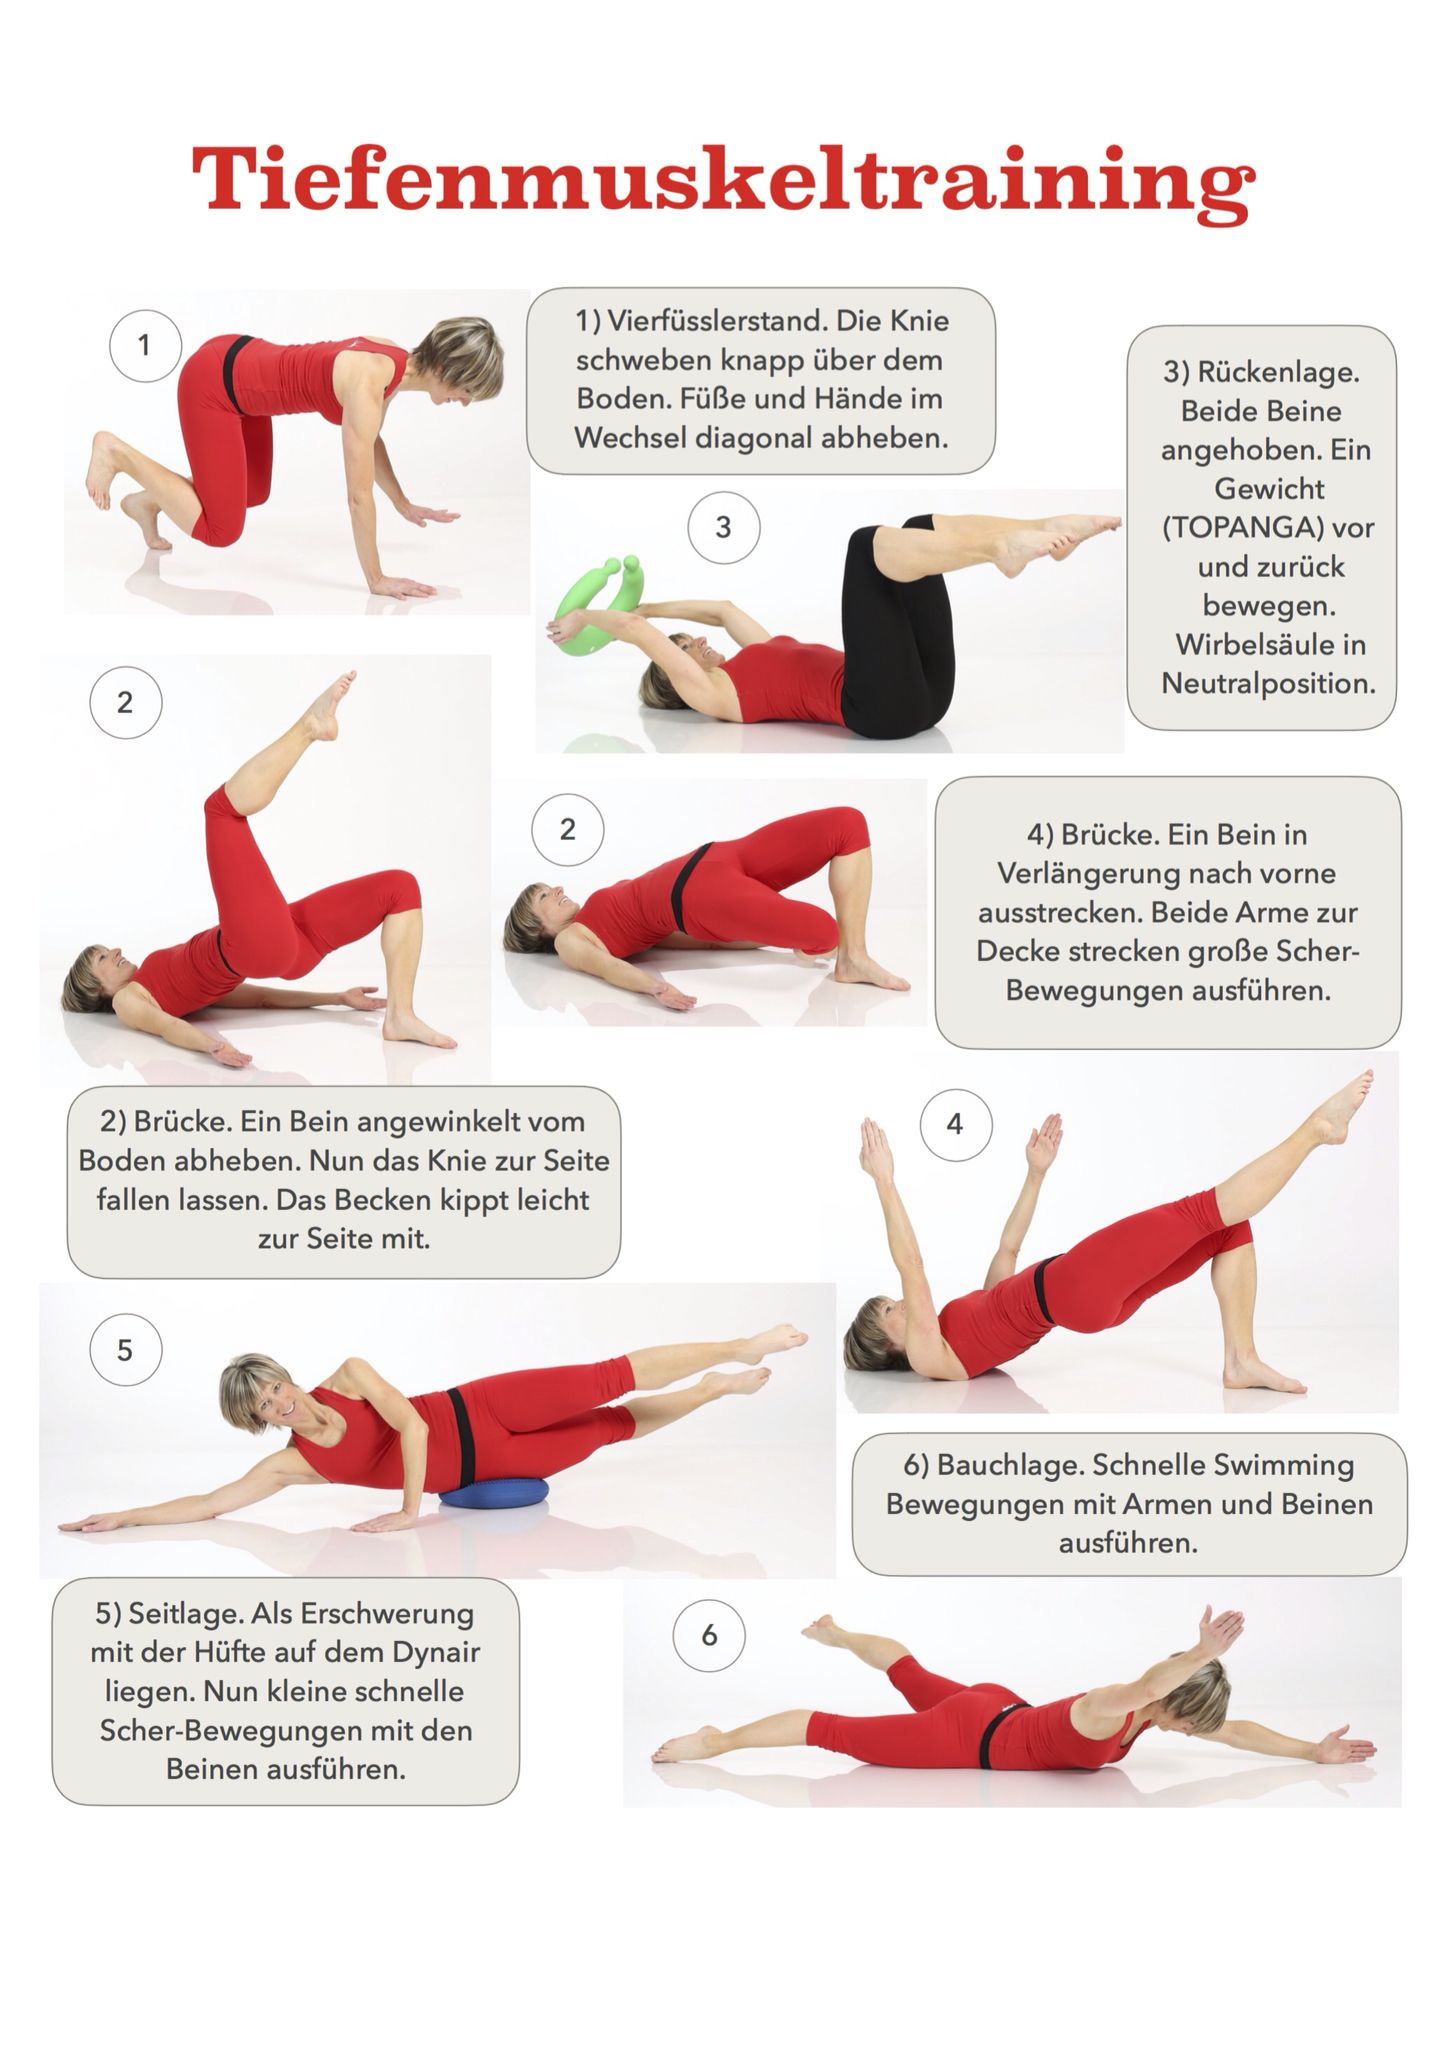 Tiefenmuskeltraining für eine aufrechte Haltung! | Rückenschmerzen ...